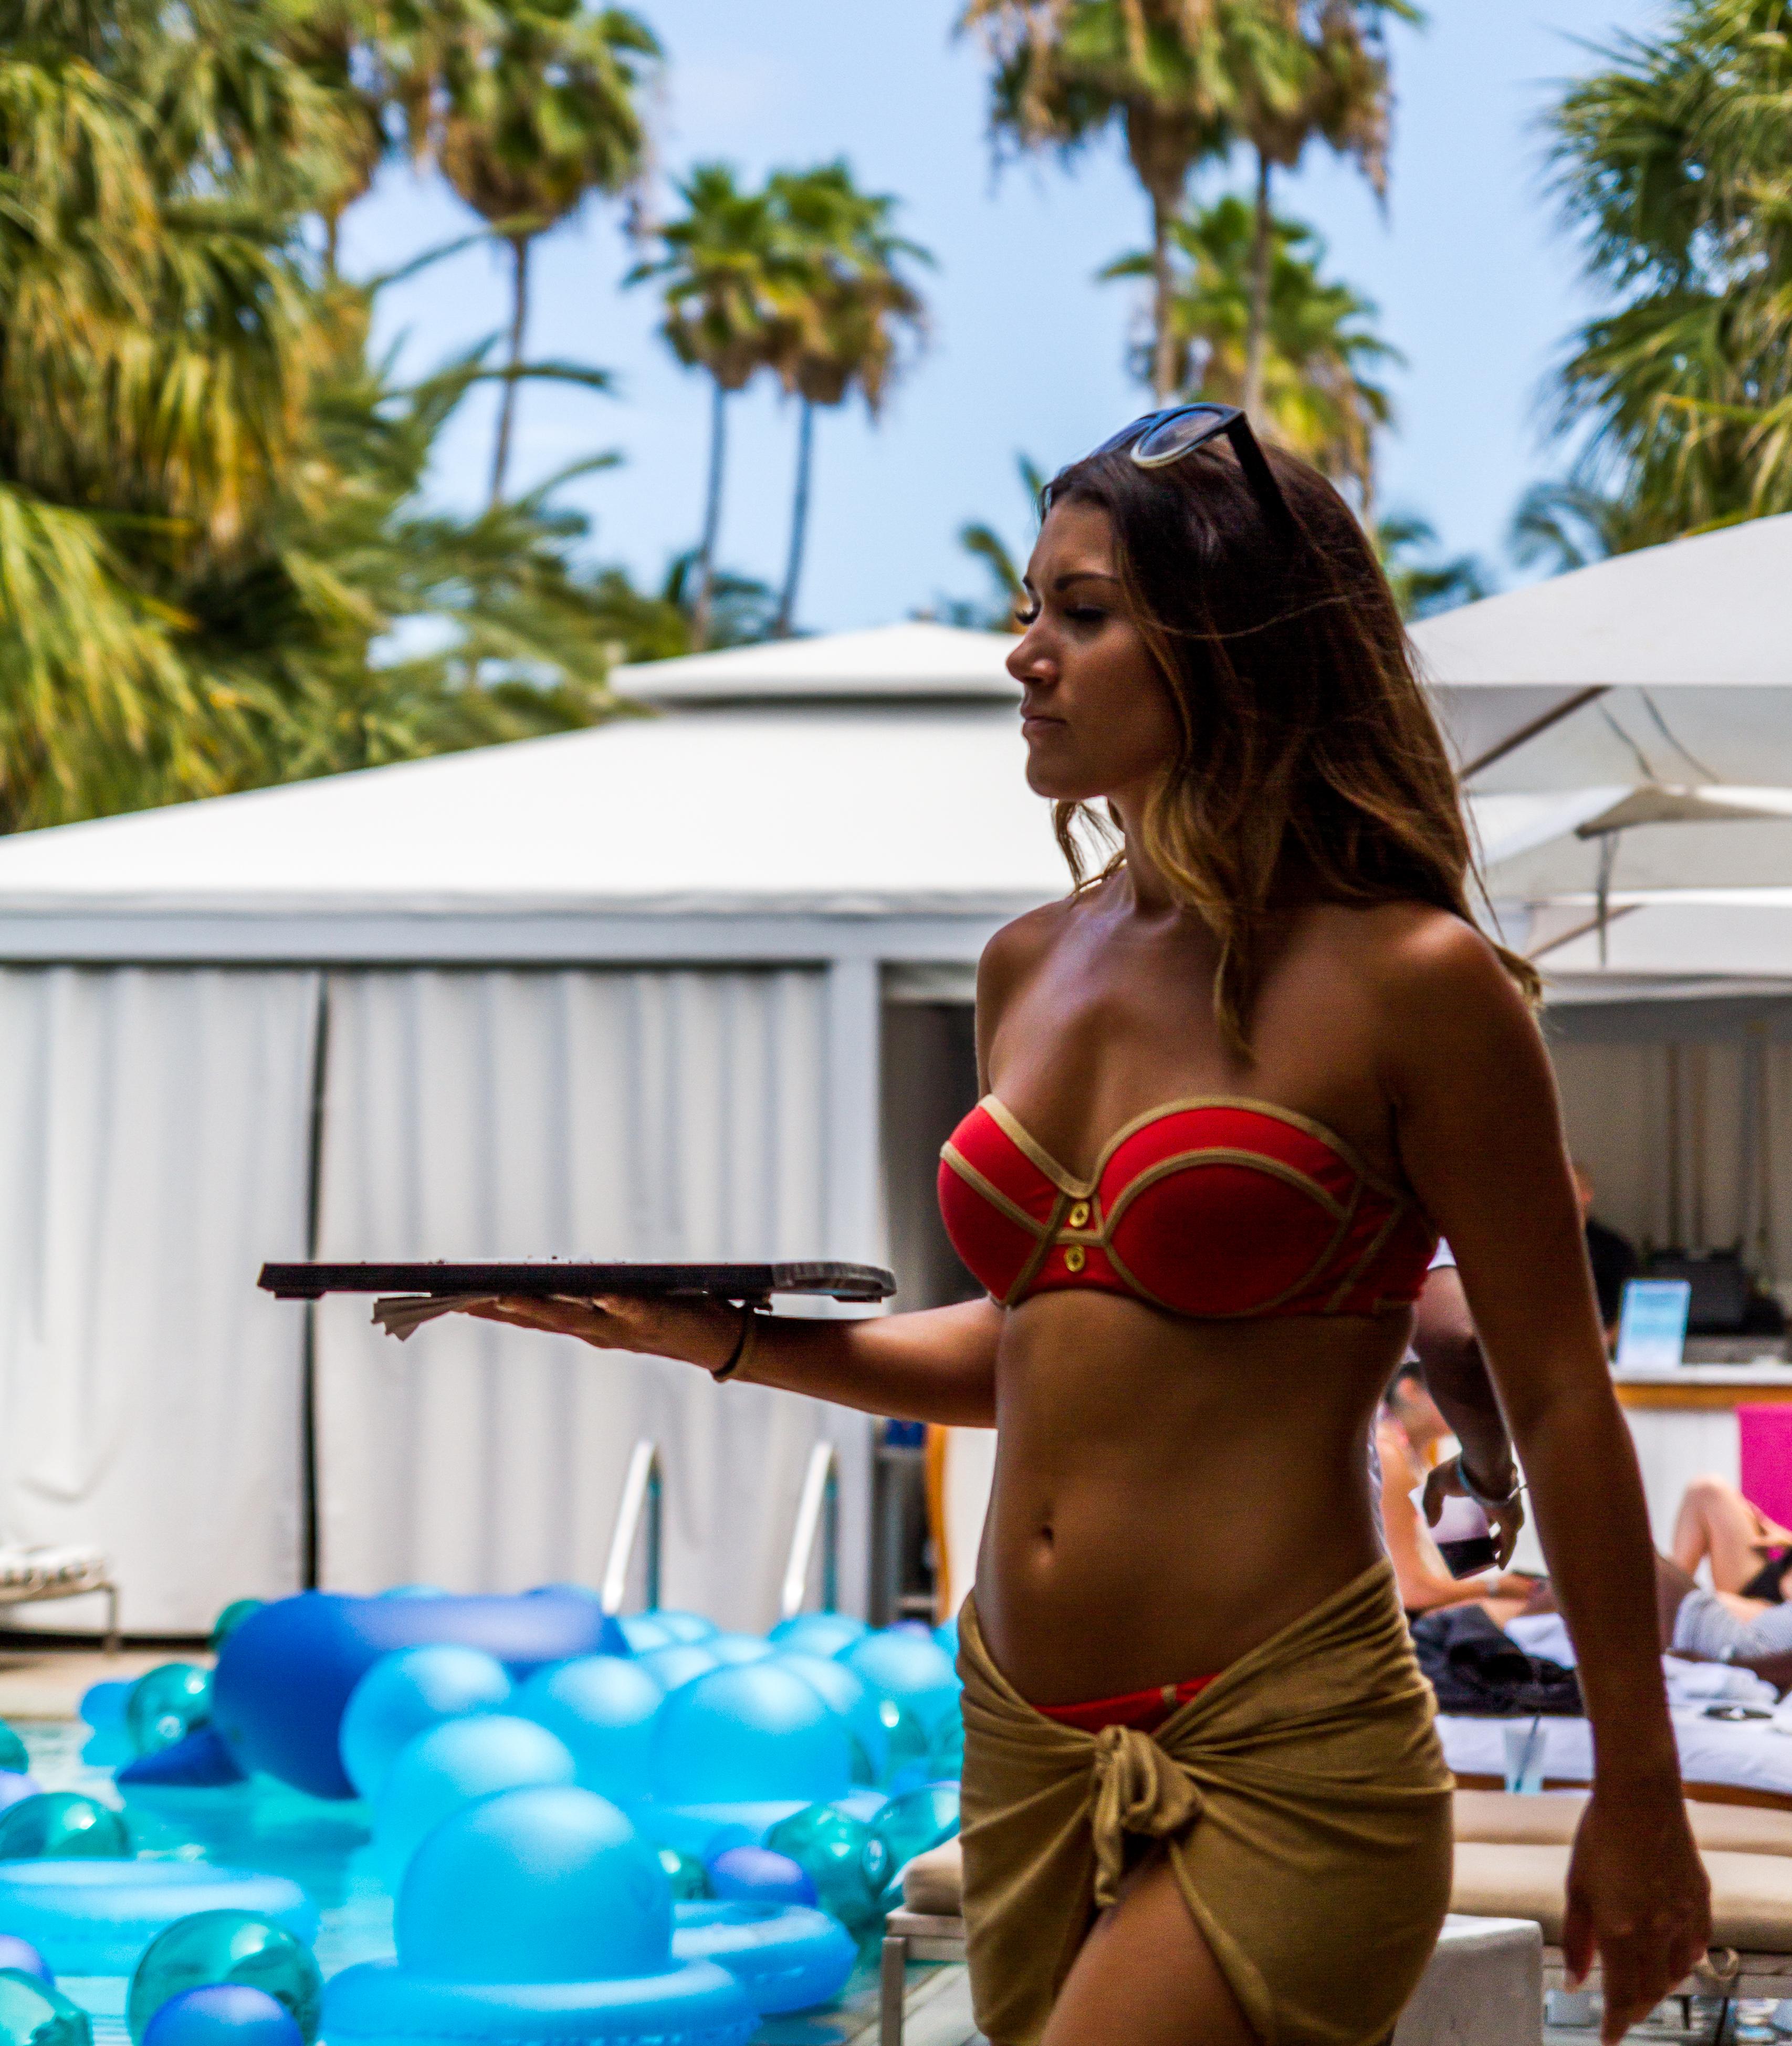 Next_Radio_App_Pool_Party_SLS_Miami_Beach_Pokemon_Go